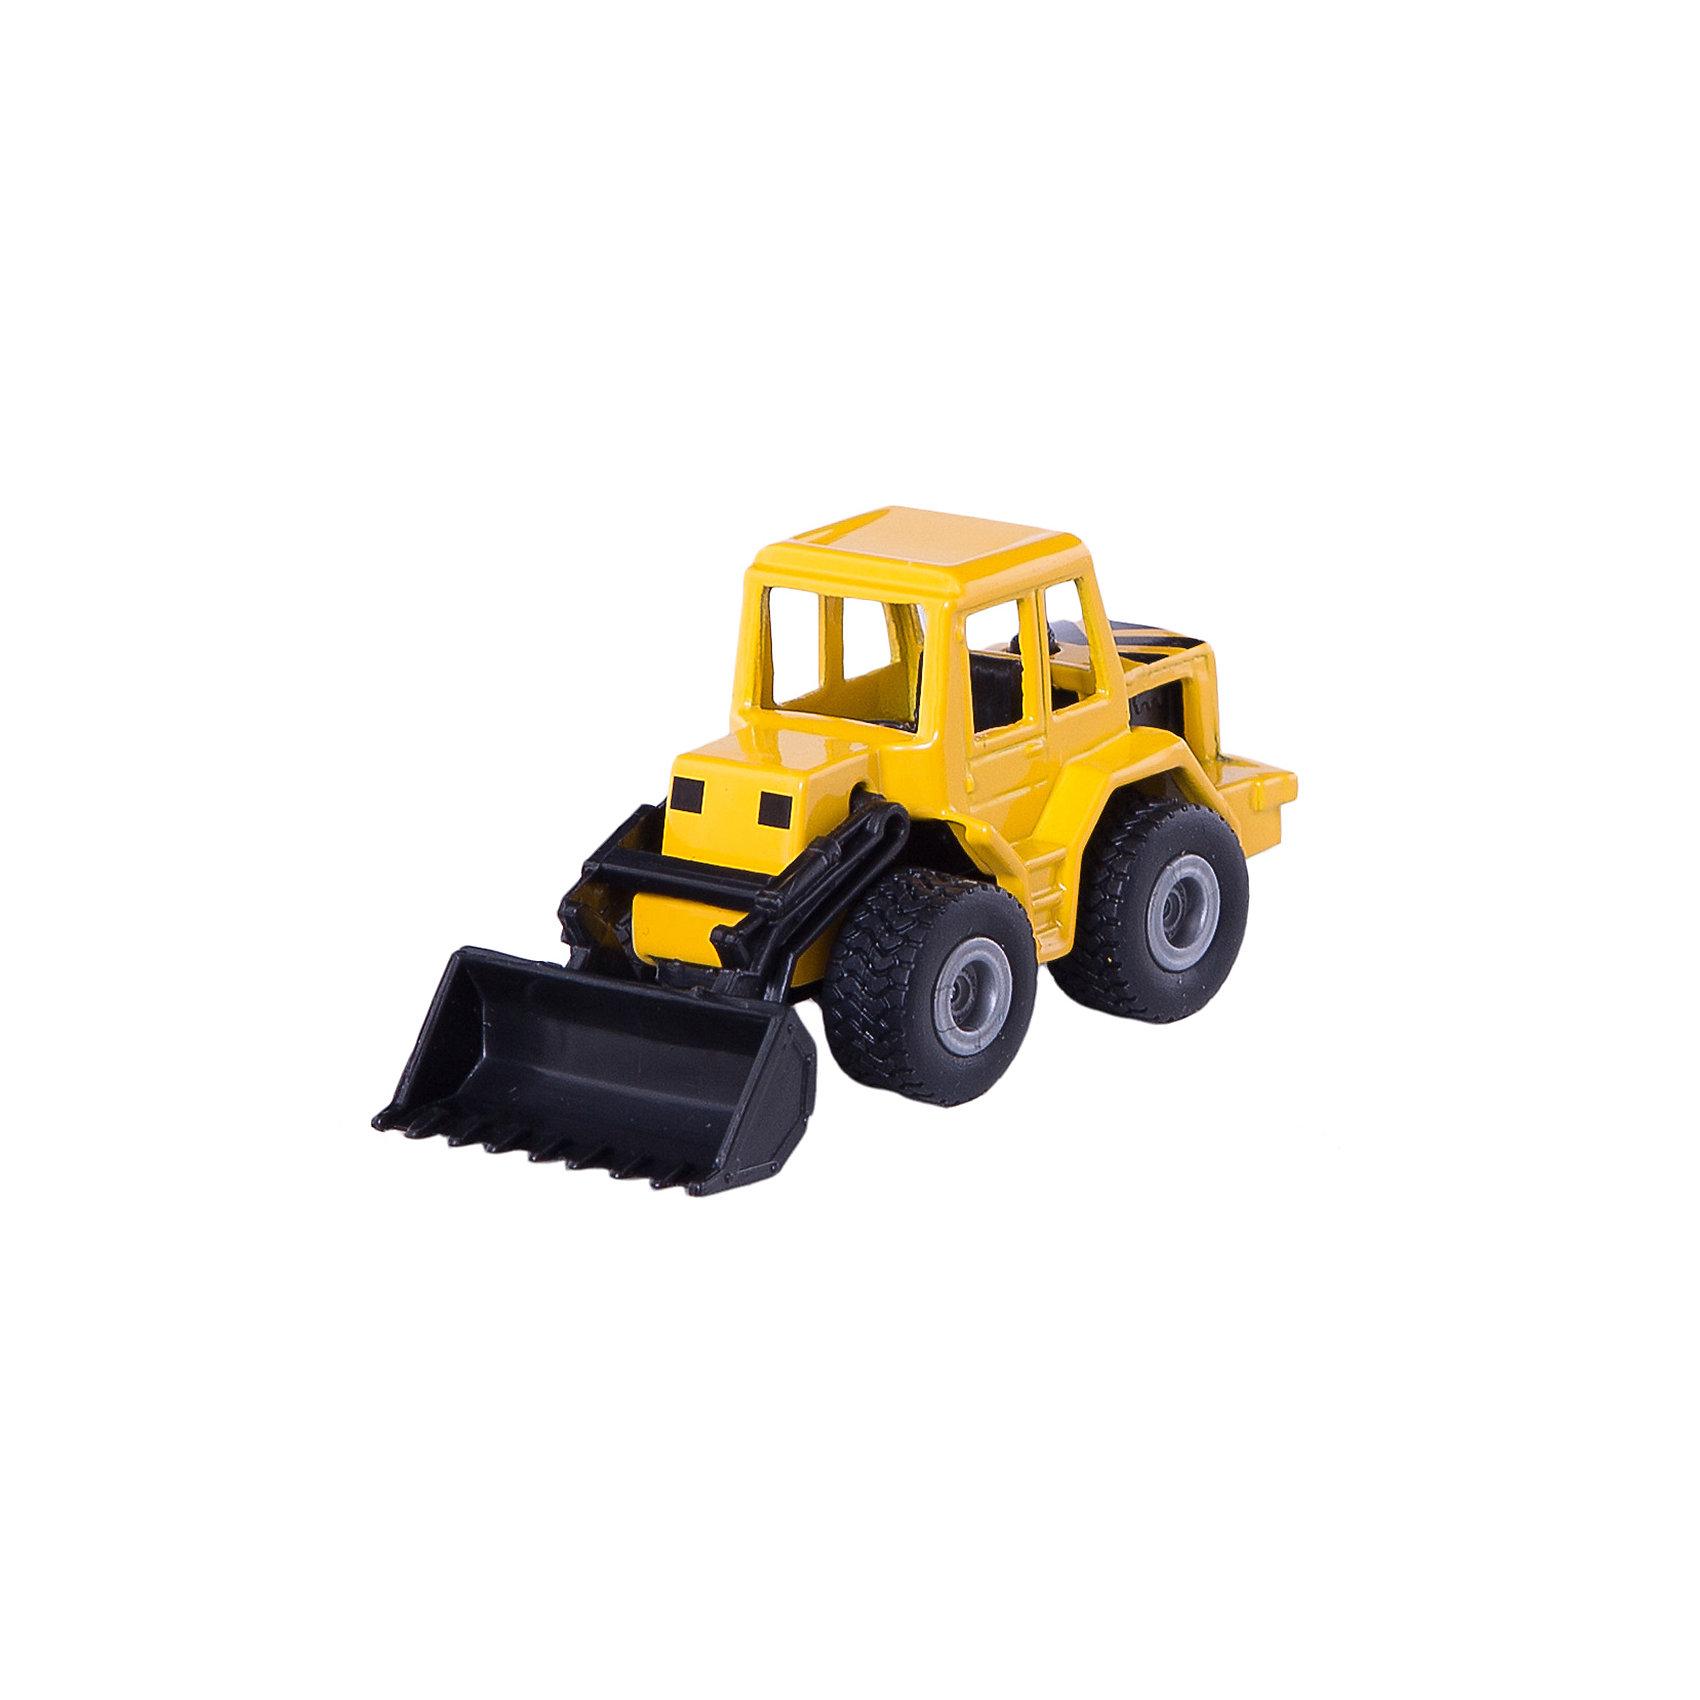 SIKU 0802 Фронтальный погрузчикМашинки<br>Игрушечная модель SIKU (СИКУ) 0802 Фронтальный погрузчик создана для маленьких строителей.<br><br>Кабина машинки выполнена из металла, ковш поднимается и опускается, колёса бульдозера вращаются и выполнены из мягкой резины.<br><br>Дополнительная информация:<br>-Размер: 7,4х3,5х3,7<br>-Материал:металл с элементами пластмассы<br><br>Тщательно выполненная модель фронтального погрузчика, достойный внешний вид делает эту машинку отличным подарком.<br><br>SIKU (СИКУ) 0802 Фронтальный погрузчик можно купить в нашем магазине.<br><br>Ширина мм: 97<br>Глубина мм: 78<br>Высота мм: 32<br>Вес г: 49<br>Возраст от месяцев: 36<br>Возраст до месяцев: 96<br>Пол: Мужской<br>Возраст: Детский<br>SKU: 1519978